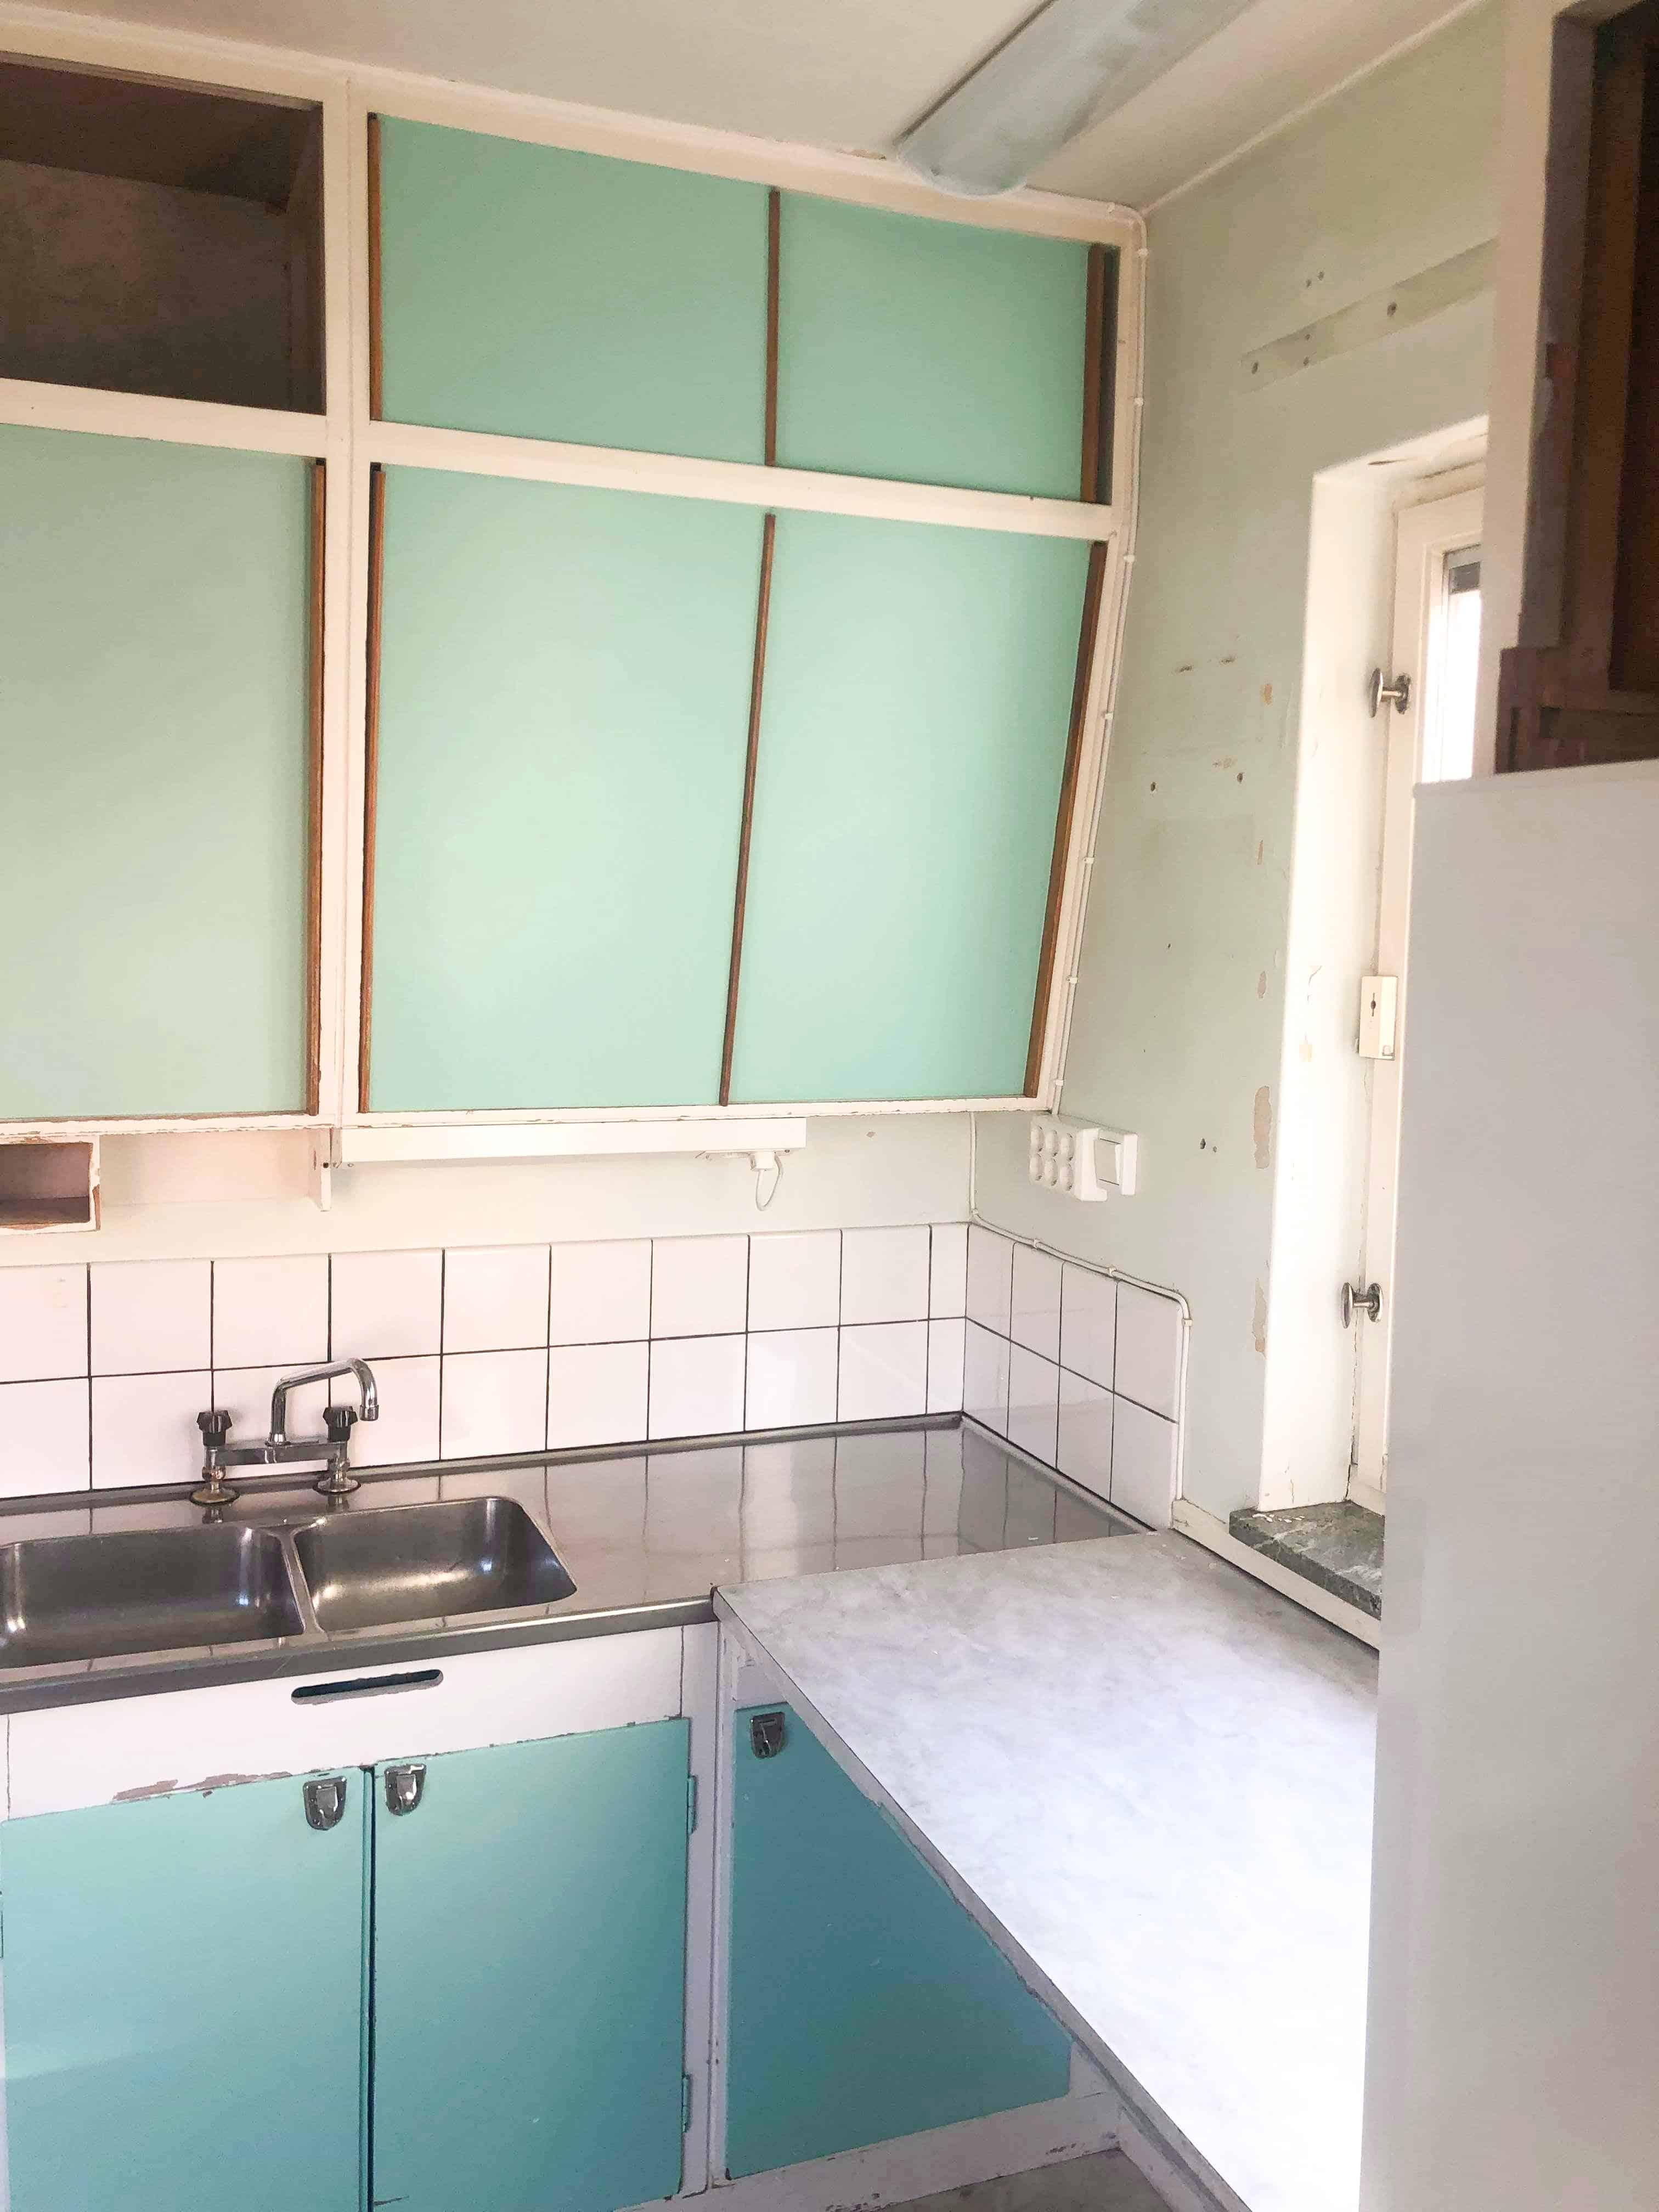 """Referensjobb """"50-tals kök innan renovering"""" utfört av Danderyd Hantverksgrupp AB"""